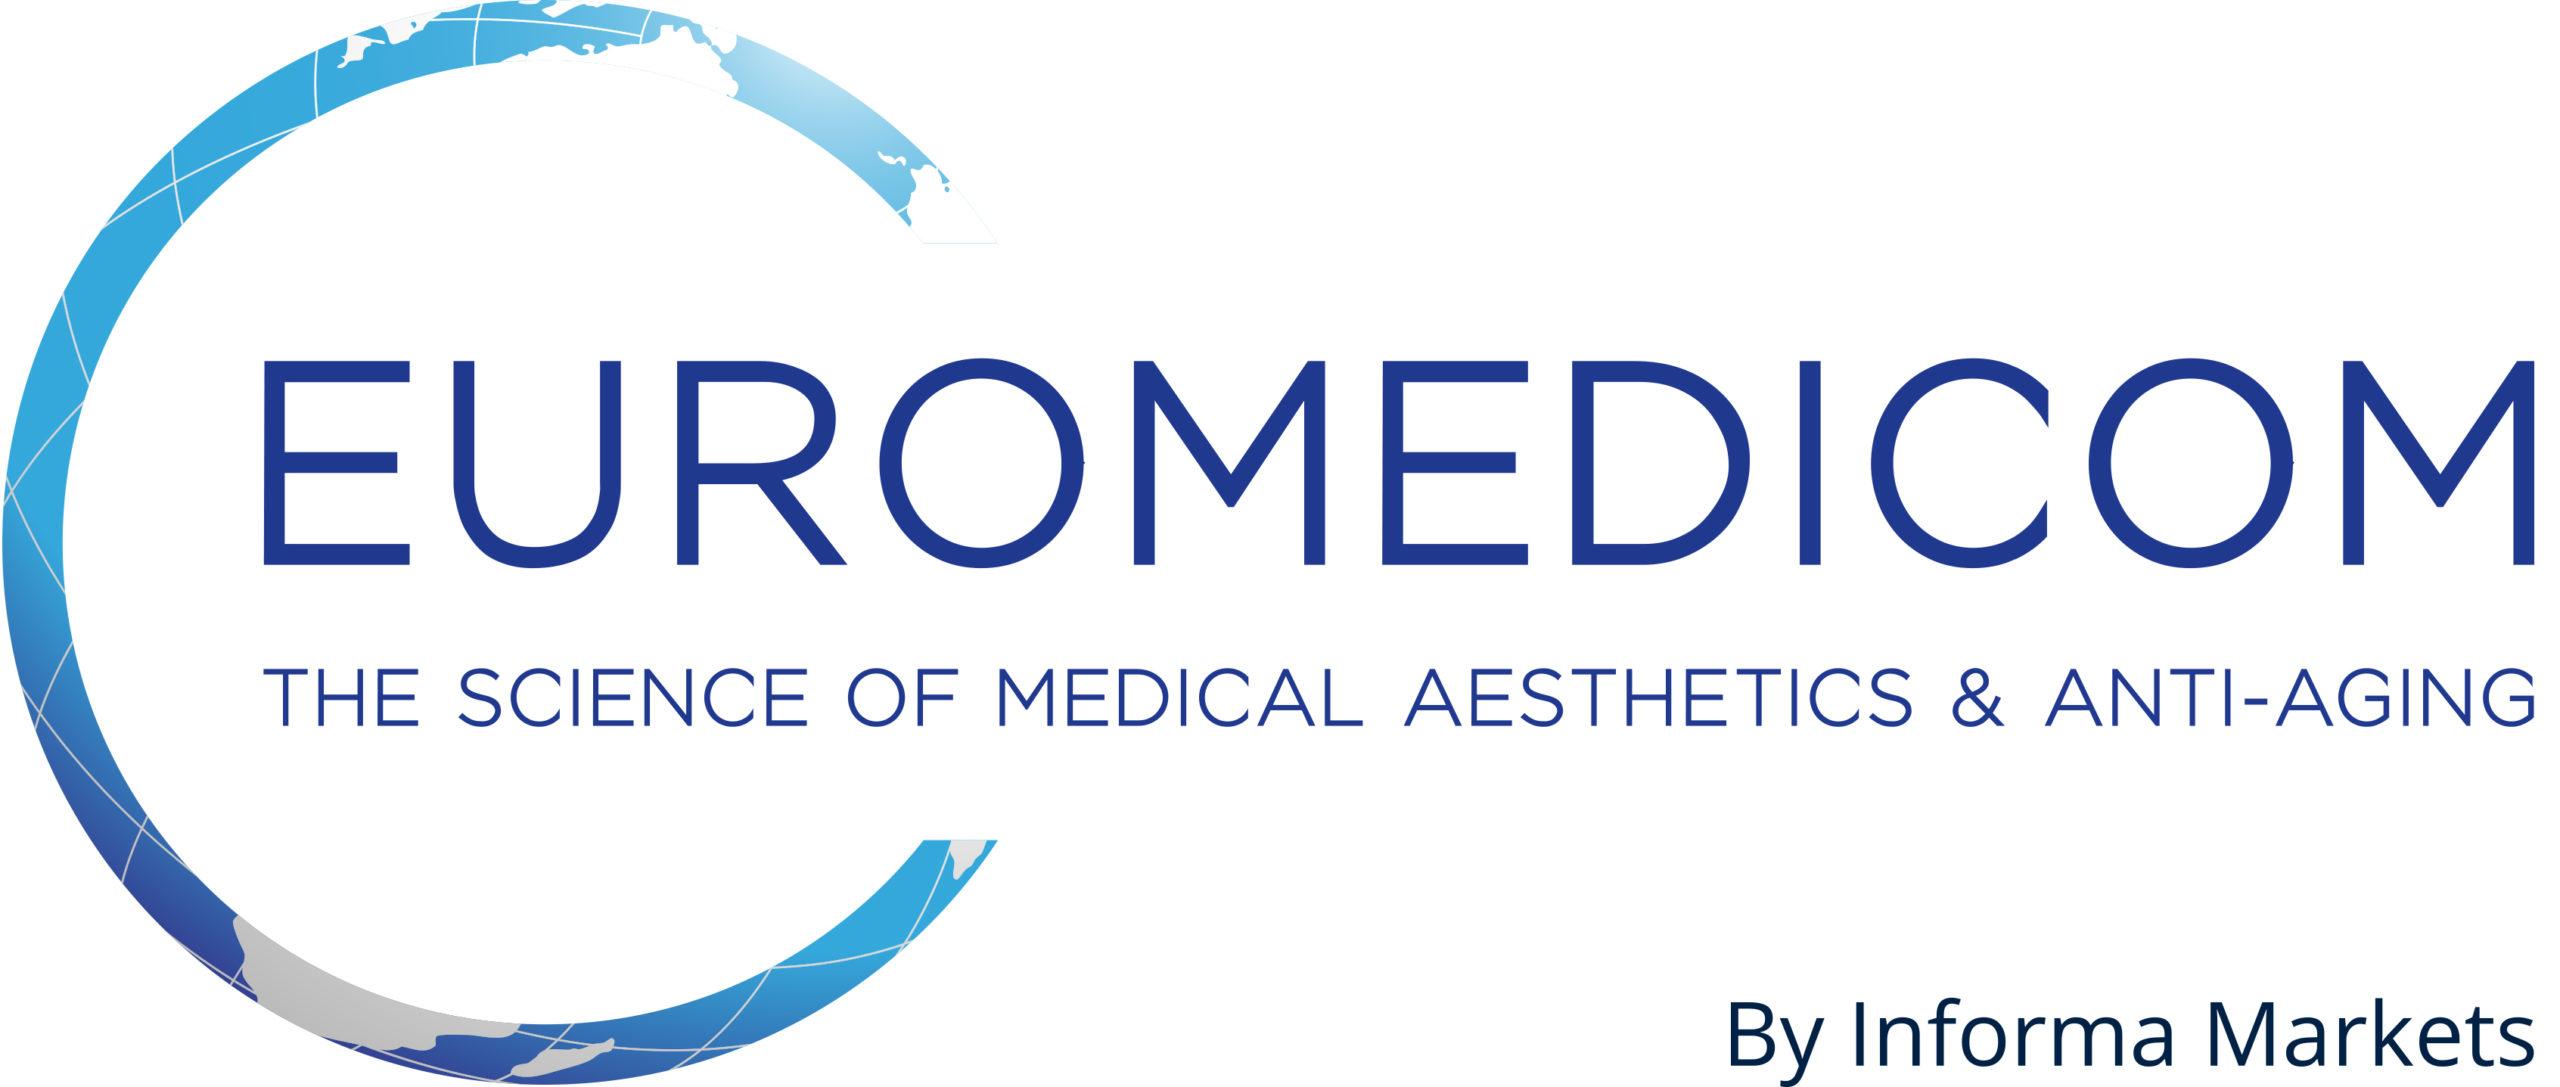 Euromedicom